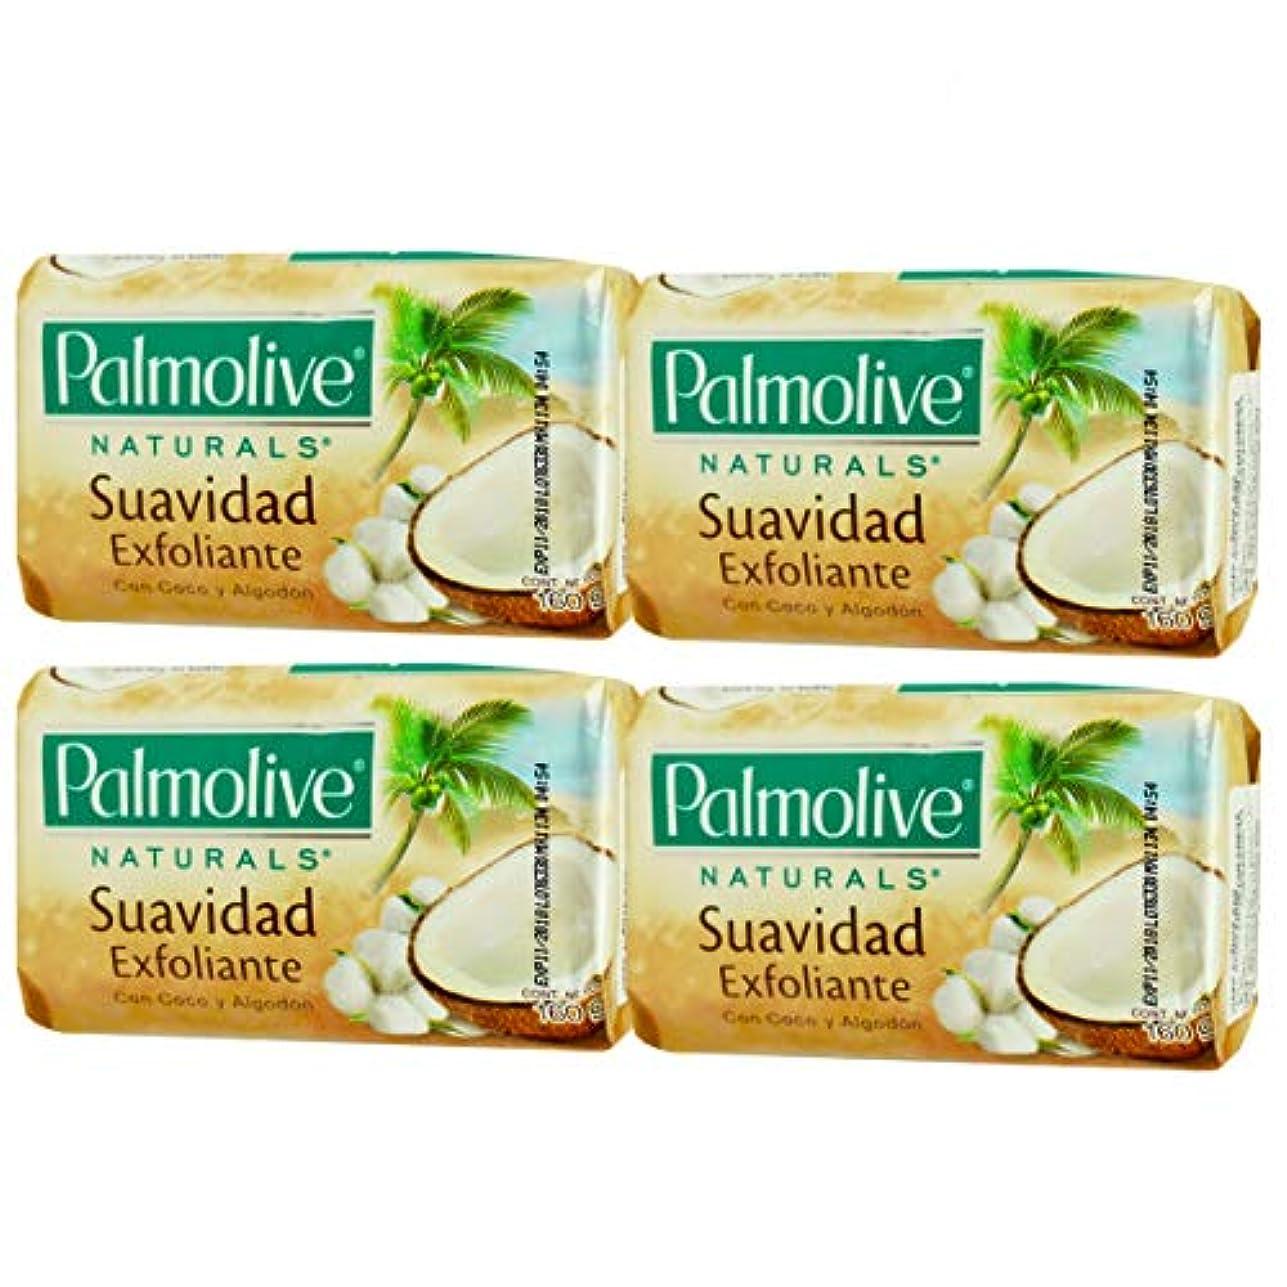 行進見て有効Palmolive ナチュラルズココY Algodonソープココナッツと綿160Gパック4